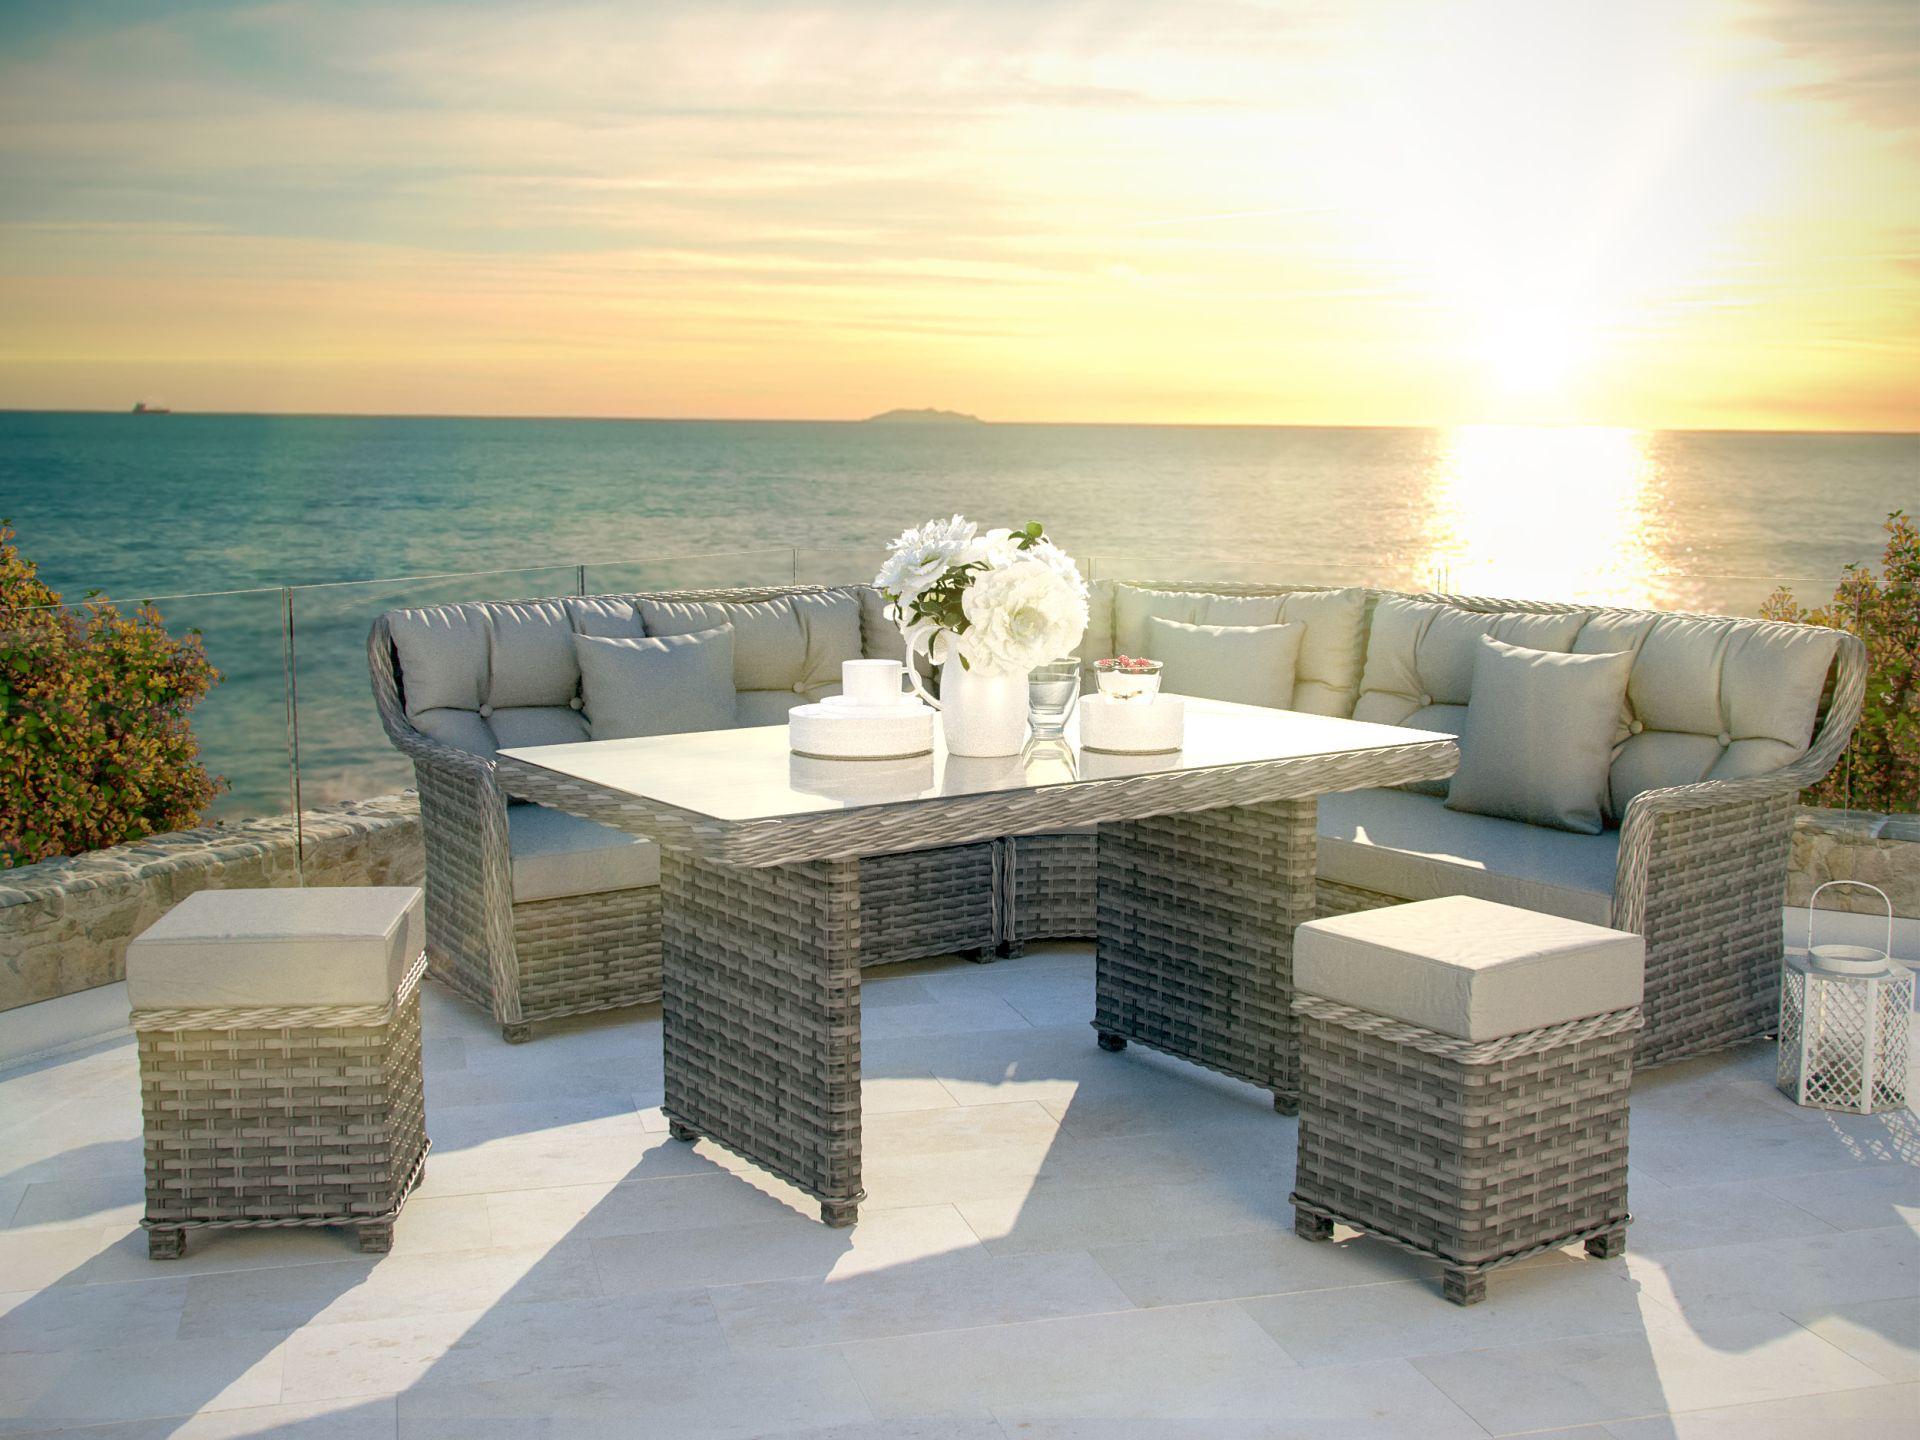 Esstisch Set Günstig ~ ARTELIA  Gartenmöbel Esstisch Set im Lounge Design günstig im Rattan Shop ka